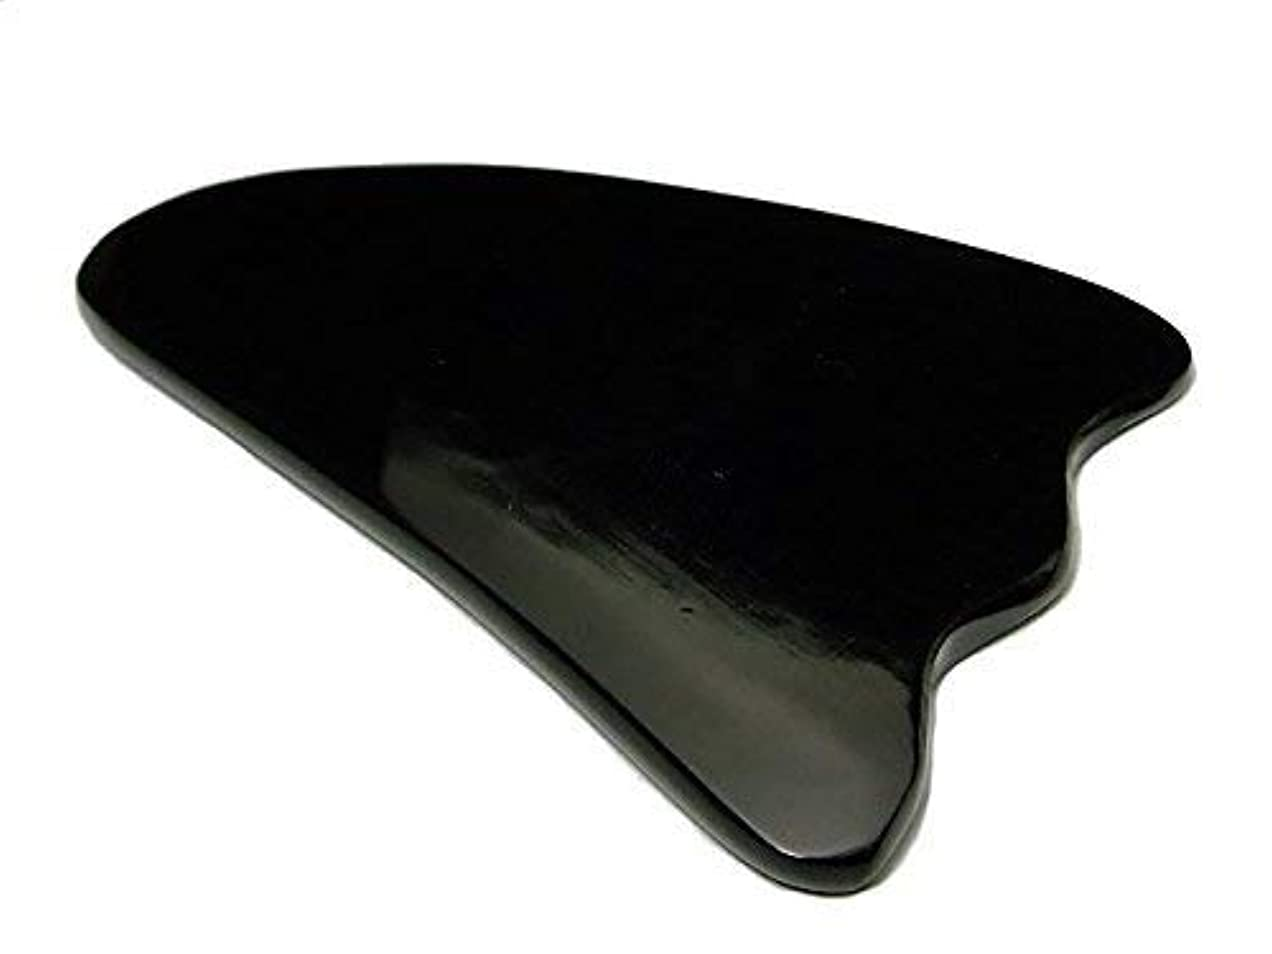 アストロラーベ大きさスポーツマンかっさプレート k3-5C 水牛の角(黒水牛角) 羽 ポーチ付き 美肌 美顔 美容 マッサージ用 天然石 パワーストーン